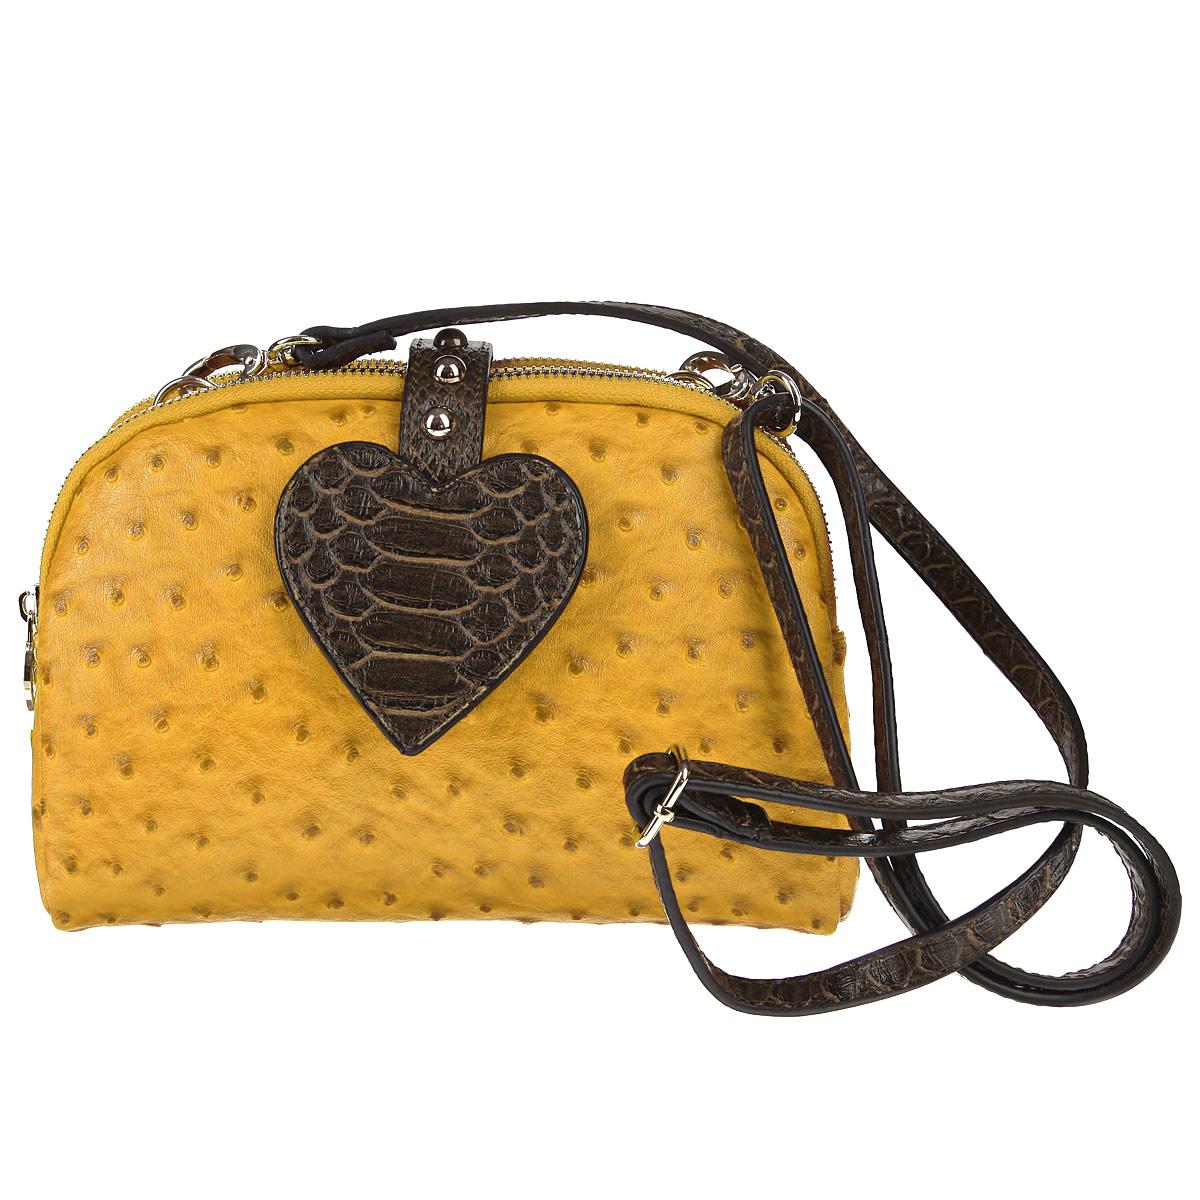 Сумка женская Dino Ricci, цвет: желтый, коричневый. 2026-43-1101225Сумка от Dino Ricci отлично подчеркнет ваш повседневный образ. Модель из искусственной кожи с рельефной фактурой под кожу страуса, закрывающаяся клапаном на магнитной кнопке. Клапан выполнен в виде сердца, украшен выпуклыми металлическими клепками. Два отделения, скрепленные между собой кнопкой, каждое из которых закрывается на молнию. Все язычки молний украшены логотипом бренда. Врезной внешний карман, также закрывающийся на молнию. Подкладка выполнена из полиэстера. Ремешок для ношения на плече крепится карабинами к петелькам между отделениями сумки. Длина ремешка регулируется. Максимальная длина: 132 см. Минимальная длина: 66 см.